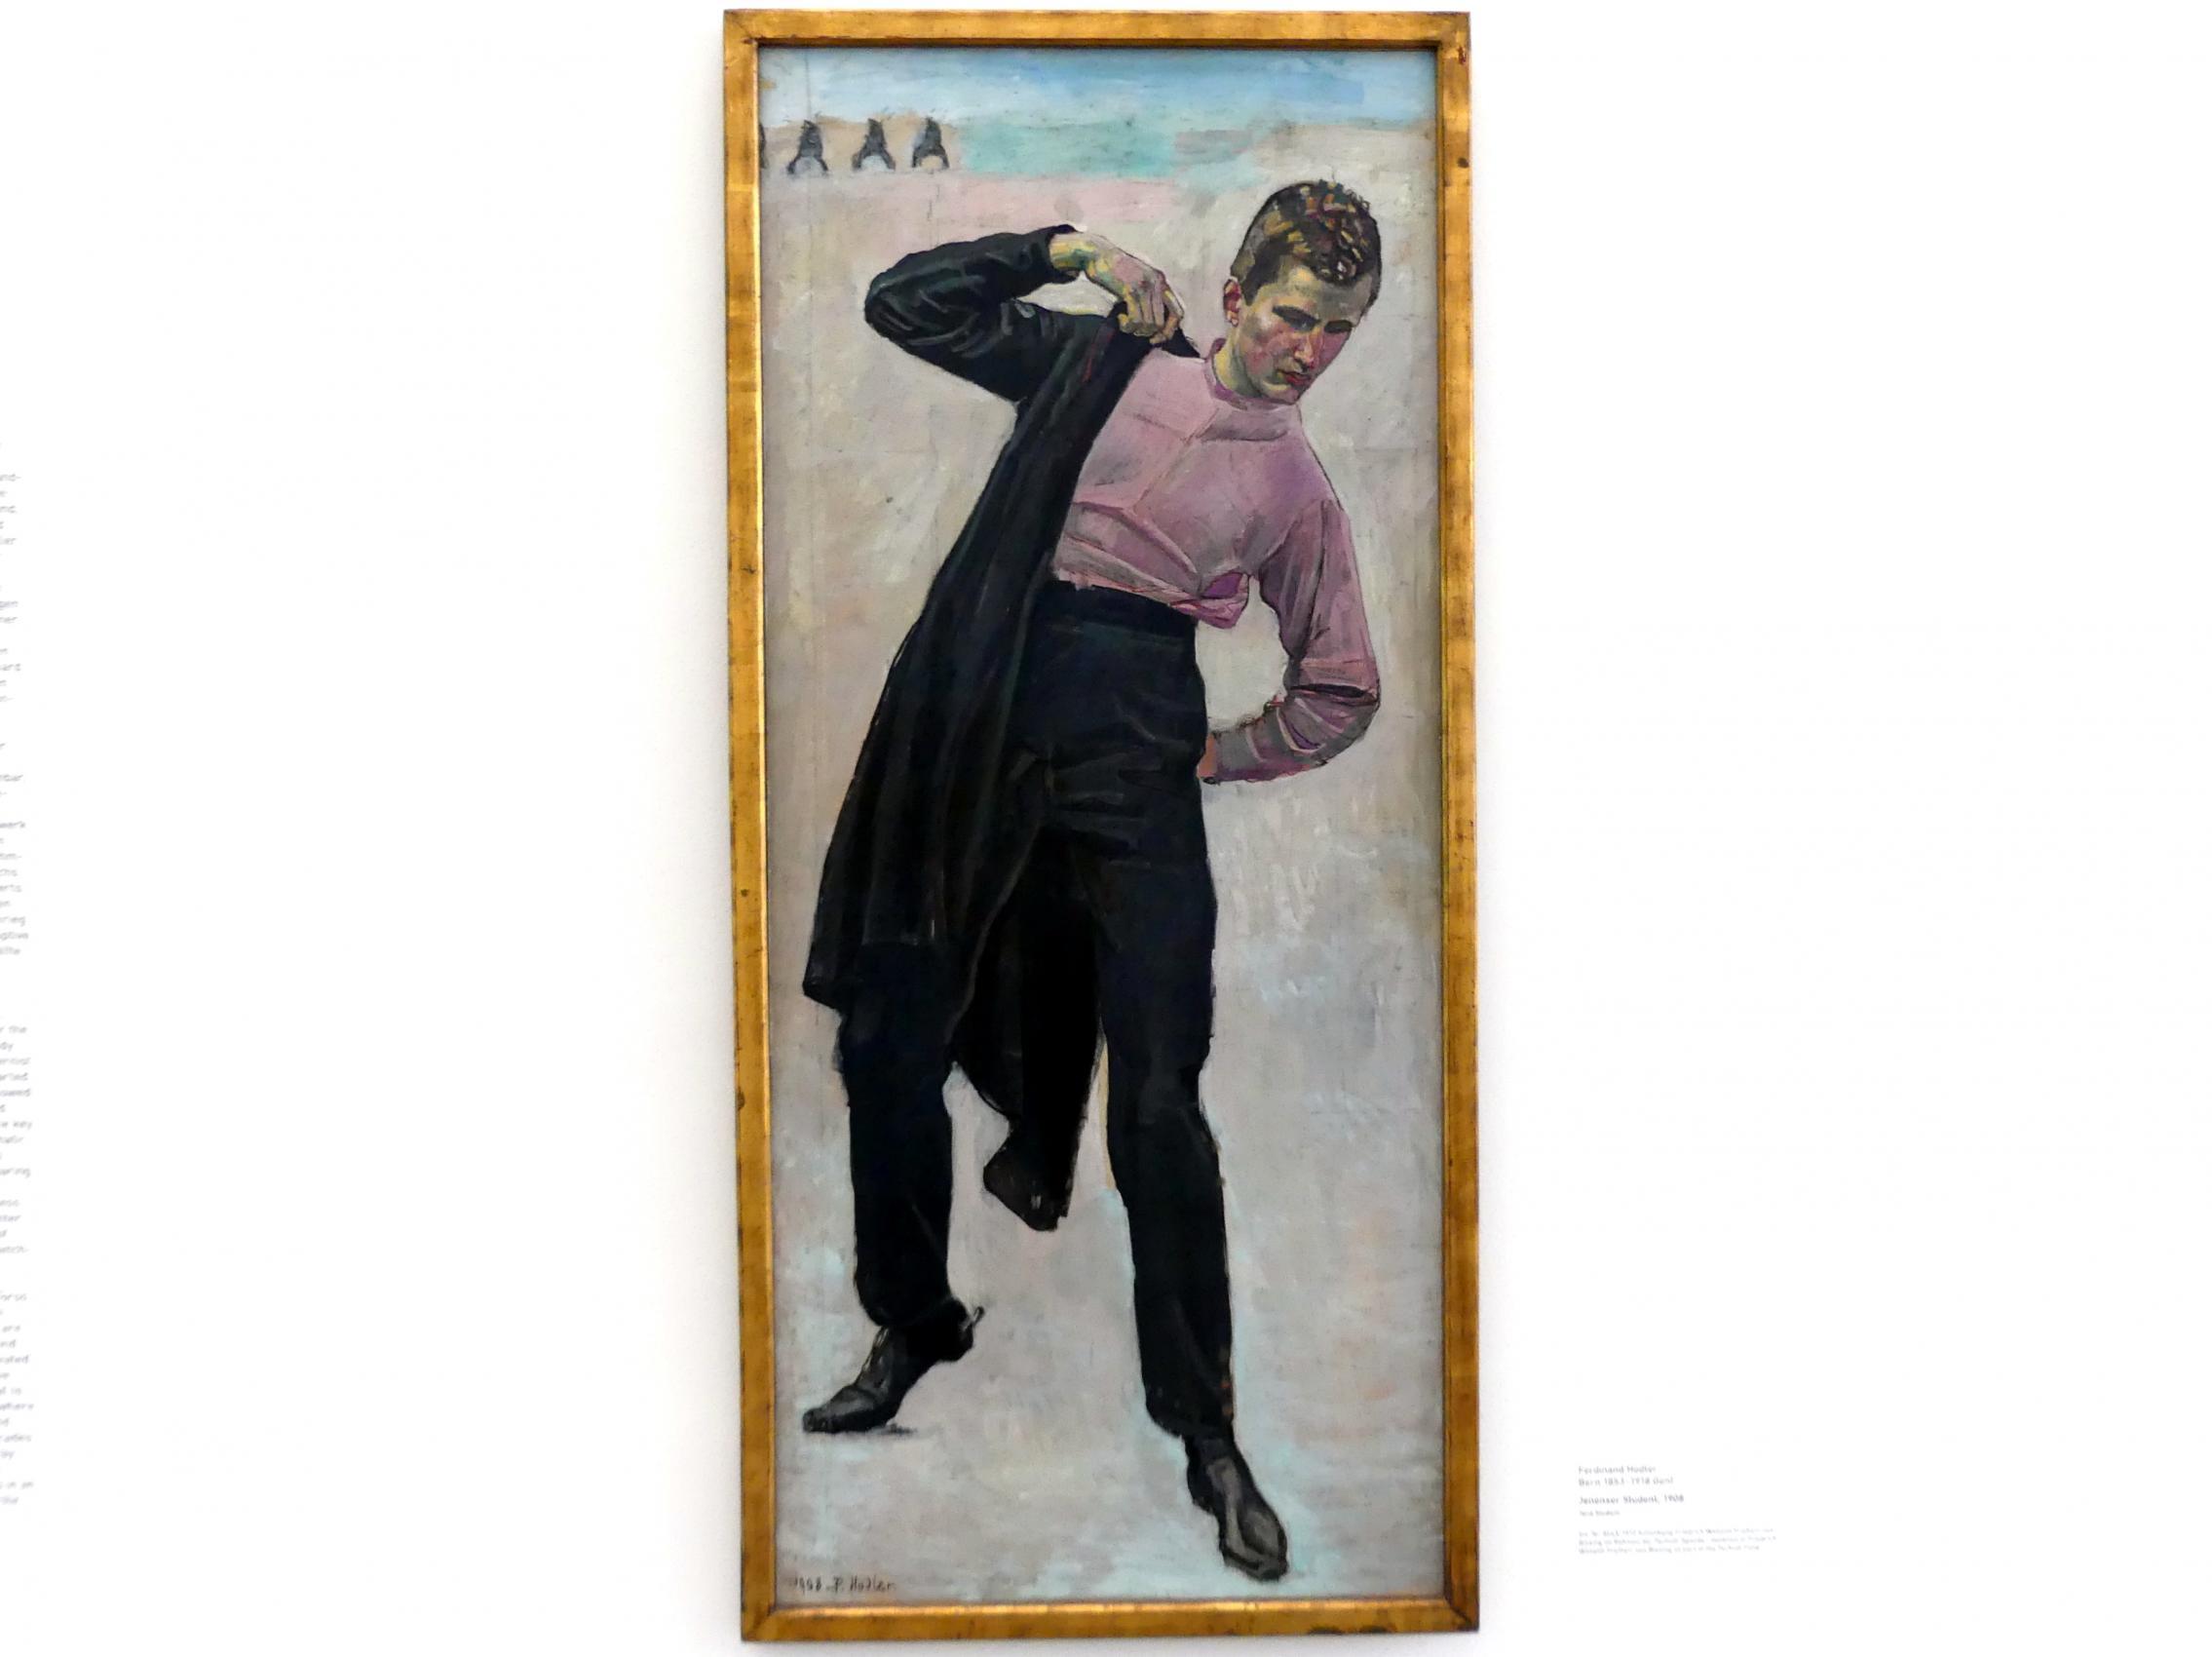 Ferdinand Hodler: Jenenser Student, 1908